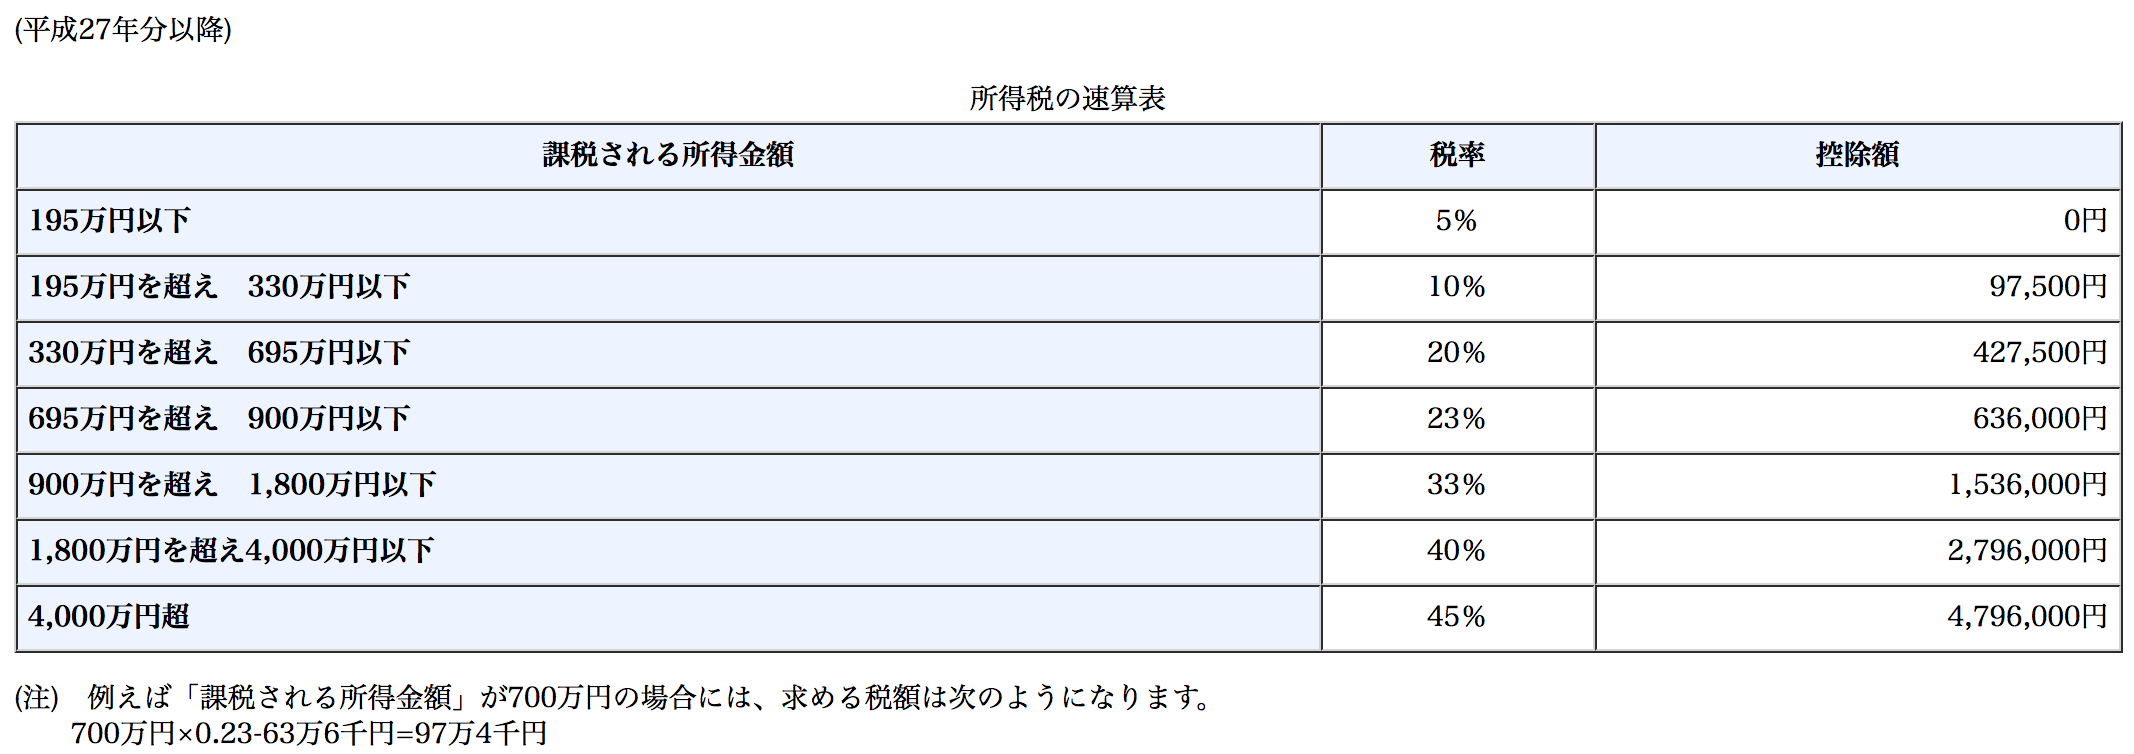 国税庁・所得税の税率